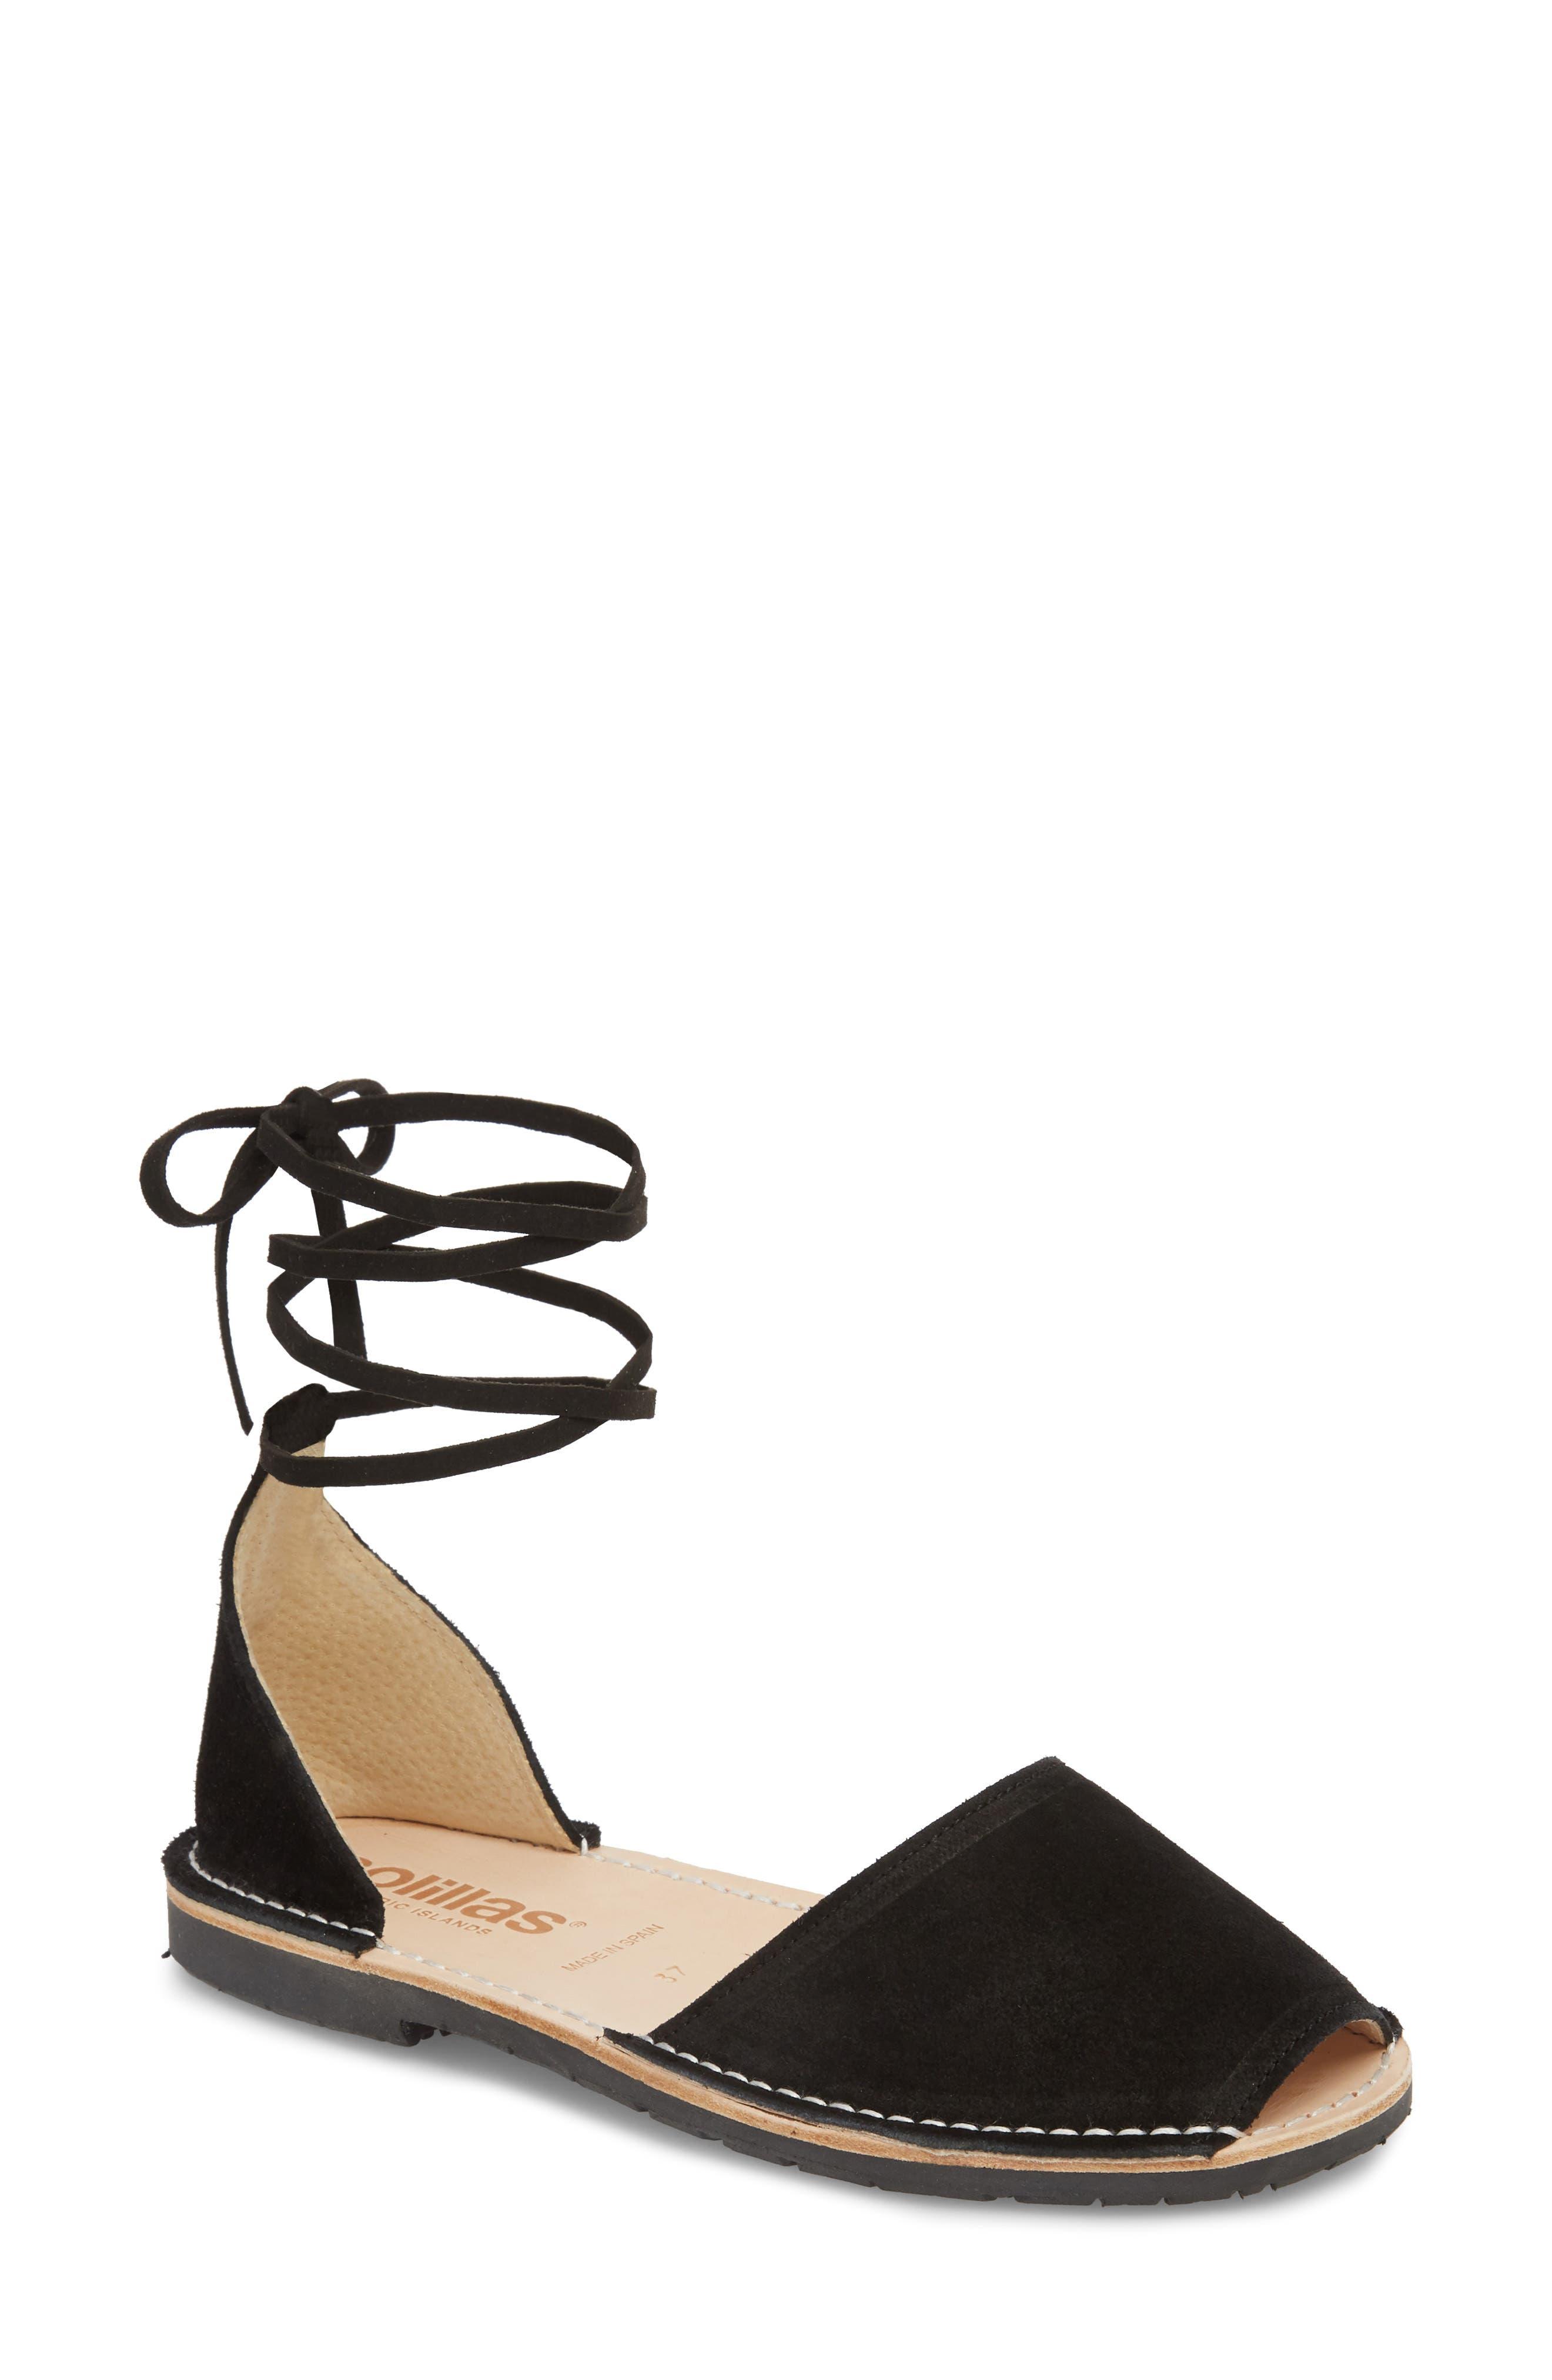 Ankle Tie Sandal,                             Main thumbnail 1, color,                             Black